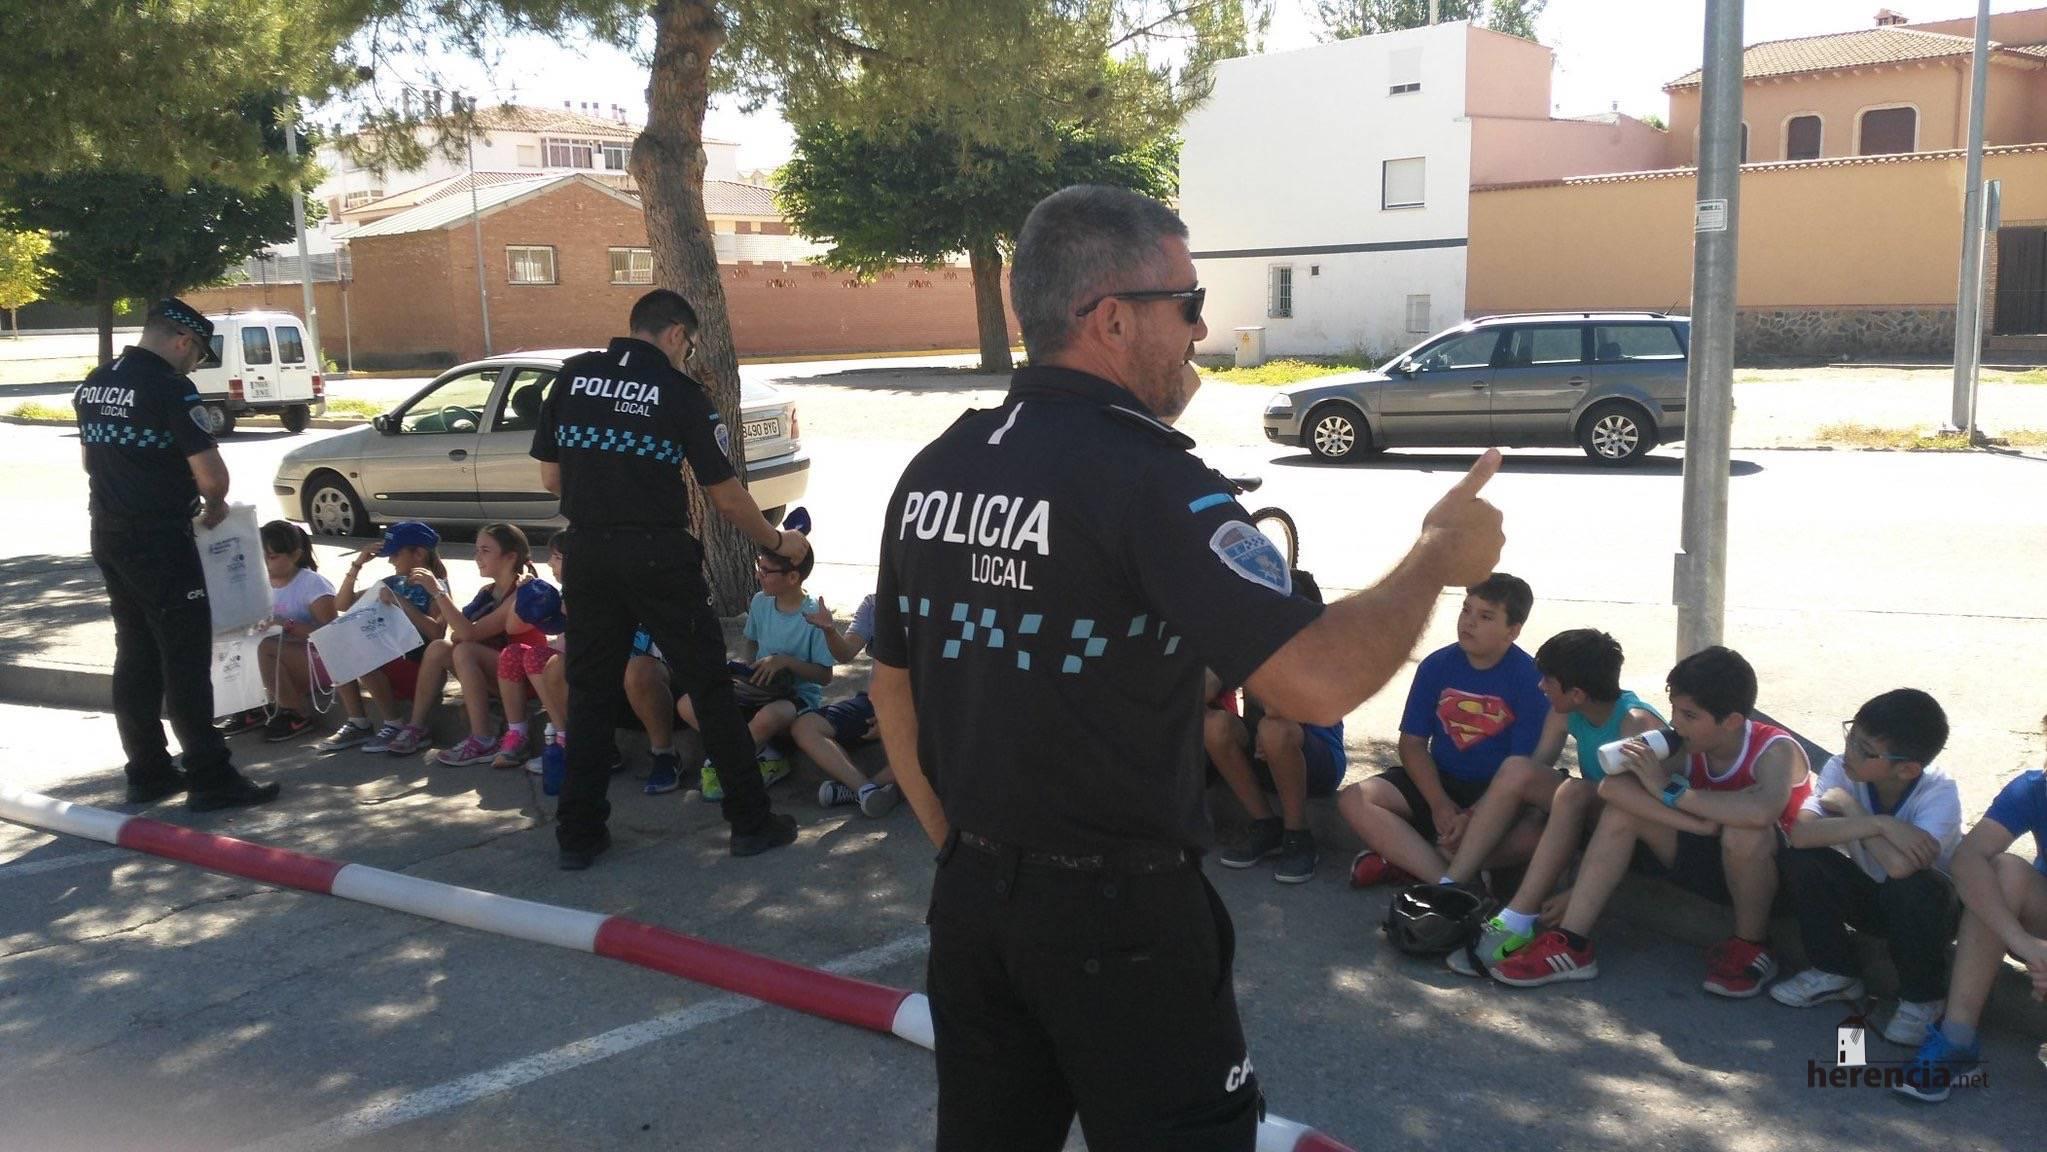 educacion vial colegios policia local herencia - 1